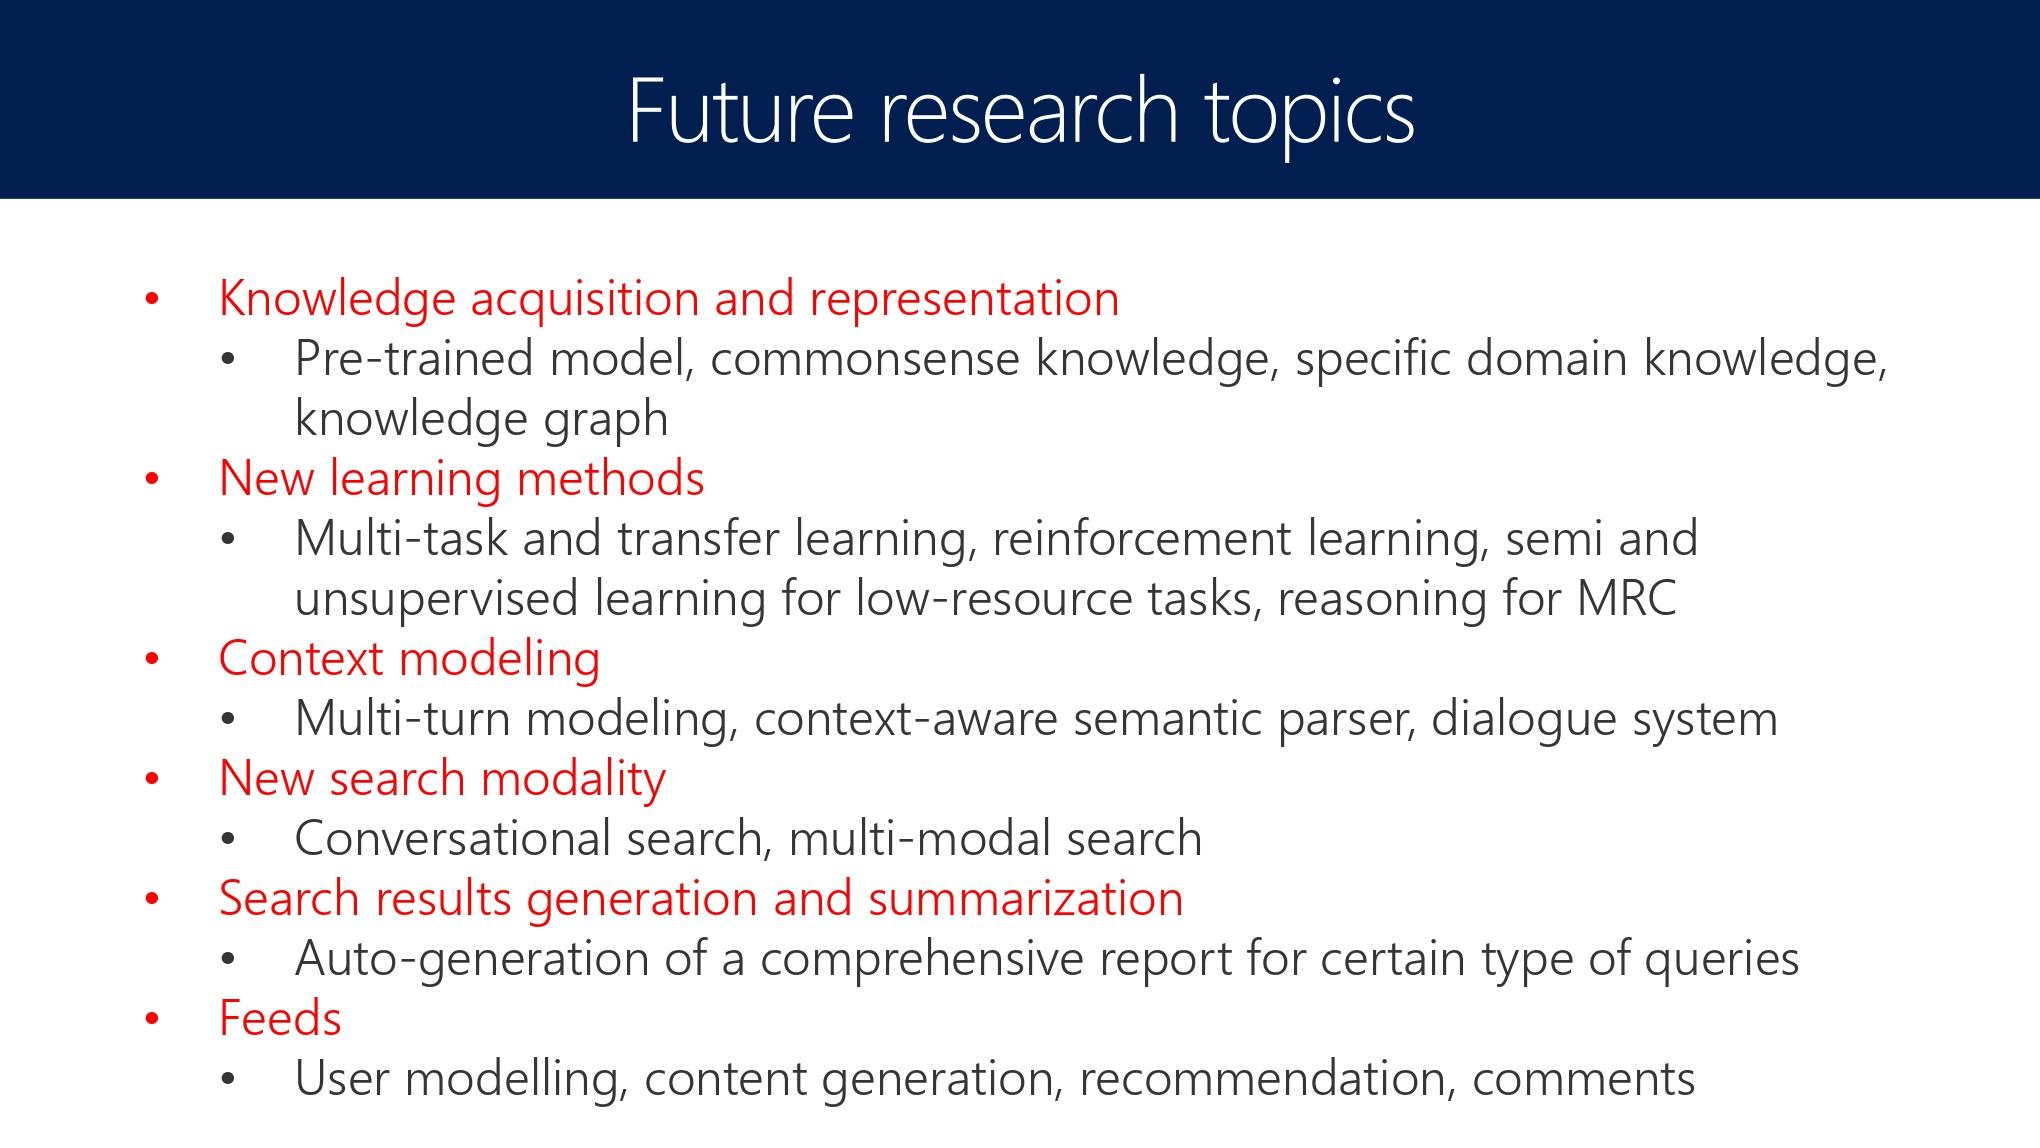 北大AI公开课2019 | 微软亚洲研究院周明:NLP的进步将如何改变搜索体验?